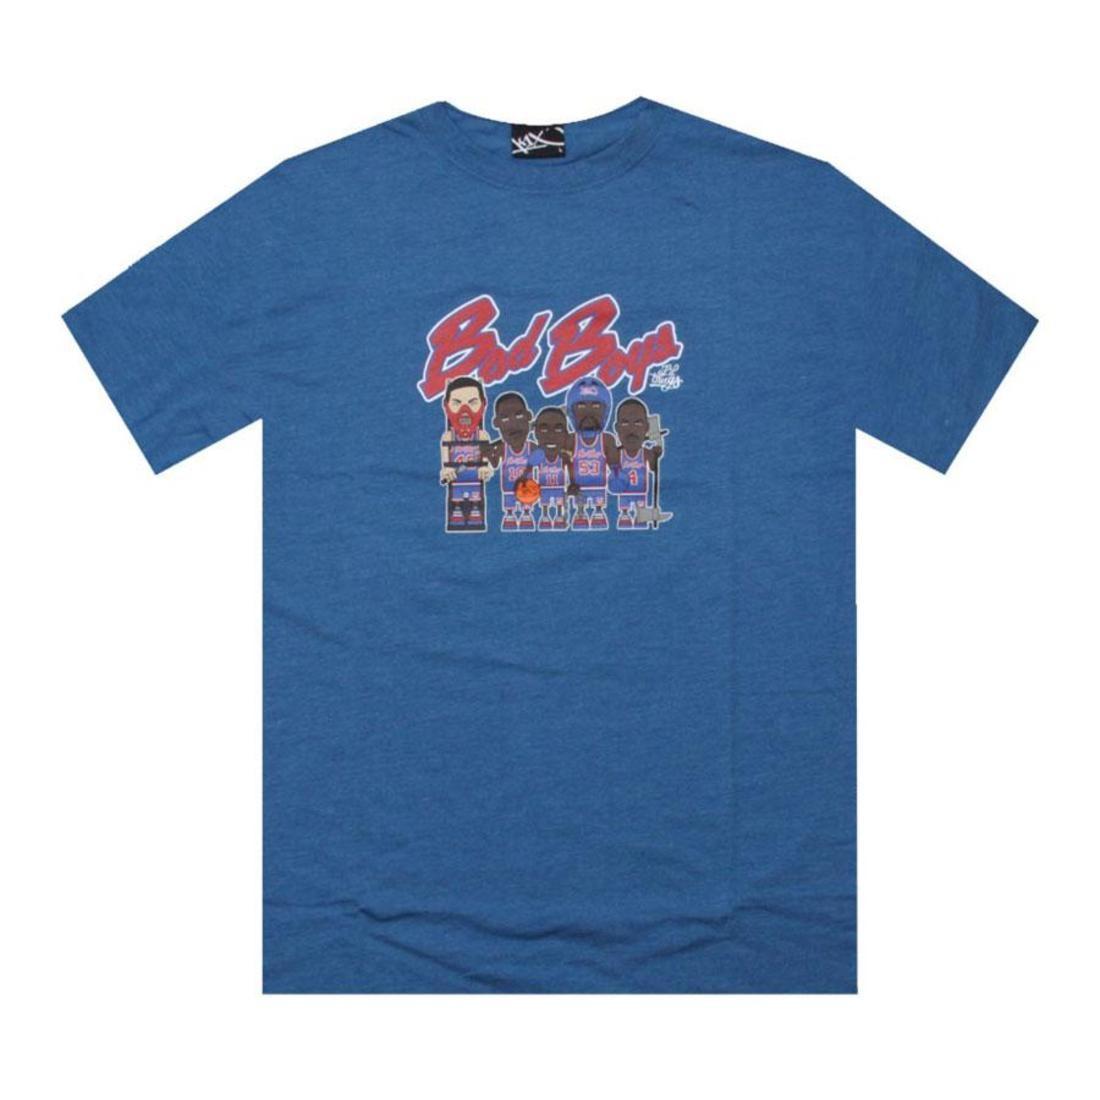 【海外限定】Tシャツ PYS.COM メンズファッション 【 K1X LIL BAD BOYS TEE BLUE EXCLUSIVE 】